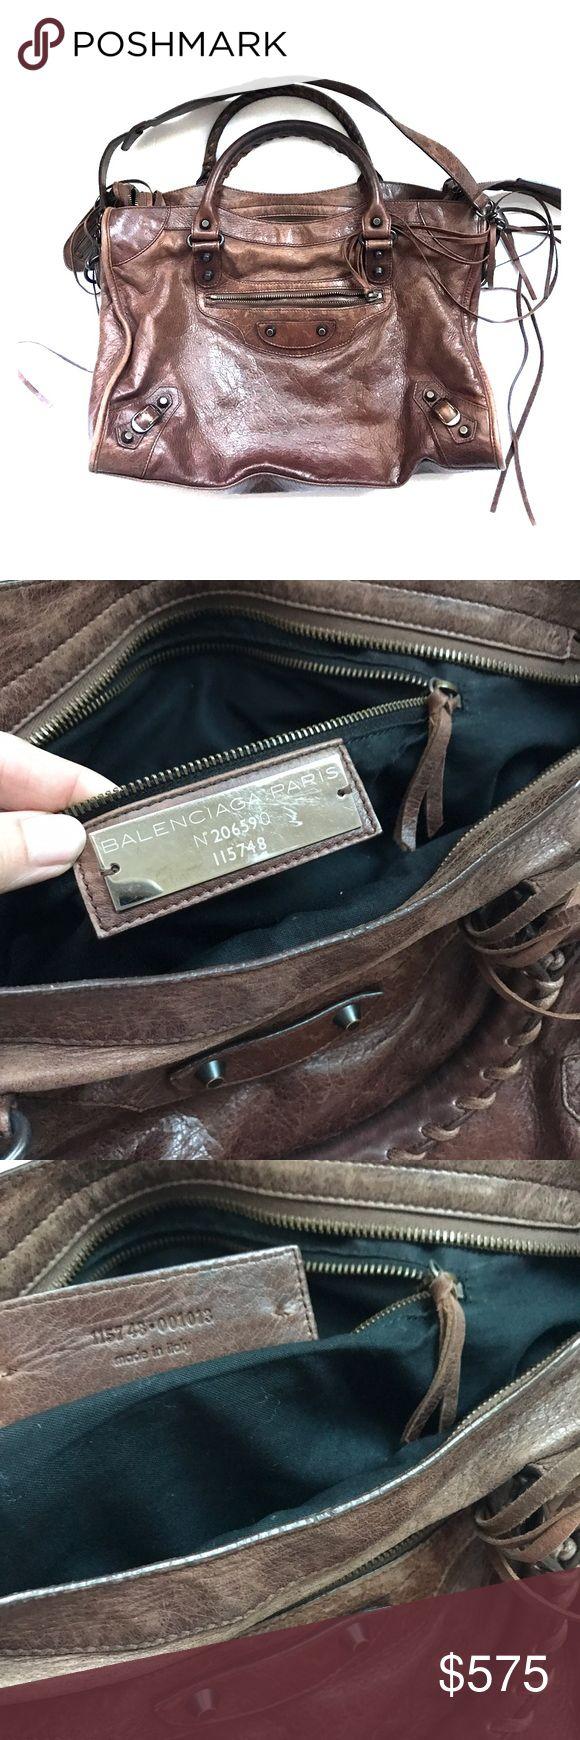 Balenciaga handbag brown leather Classic Balenciaga in excellent condition, comes with dust bag Balenciaga Bags